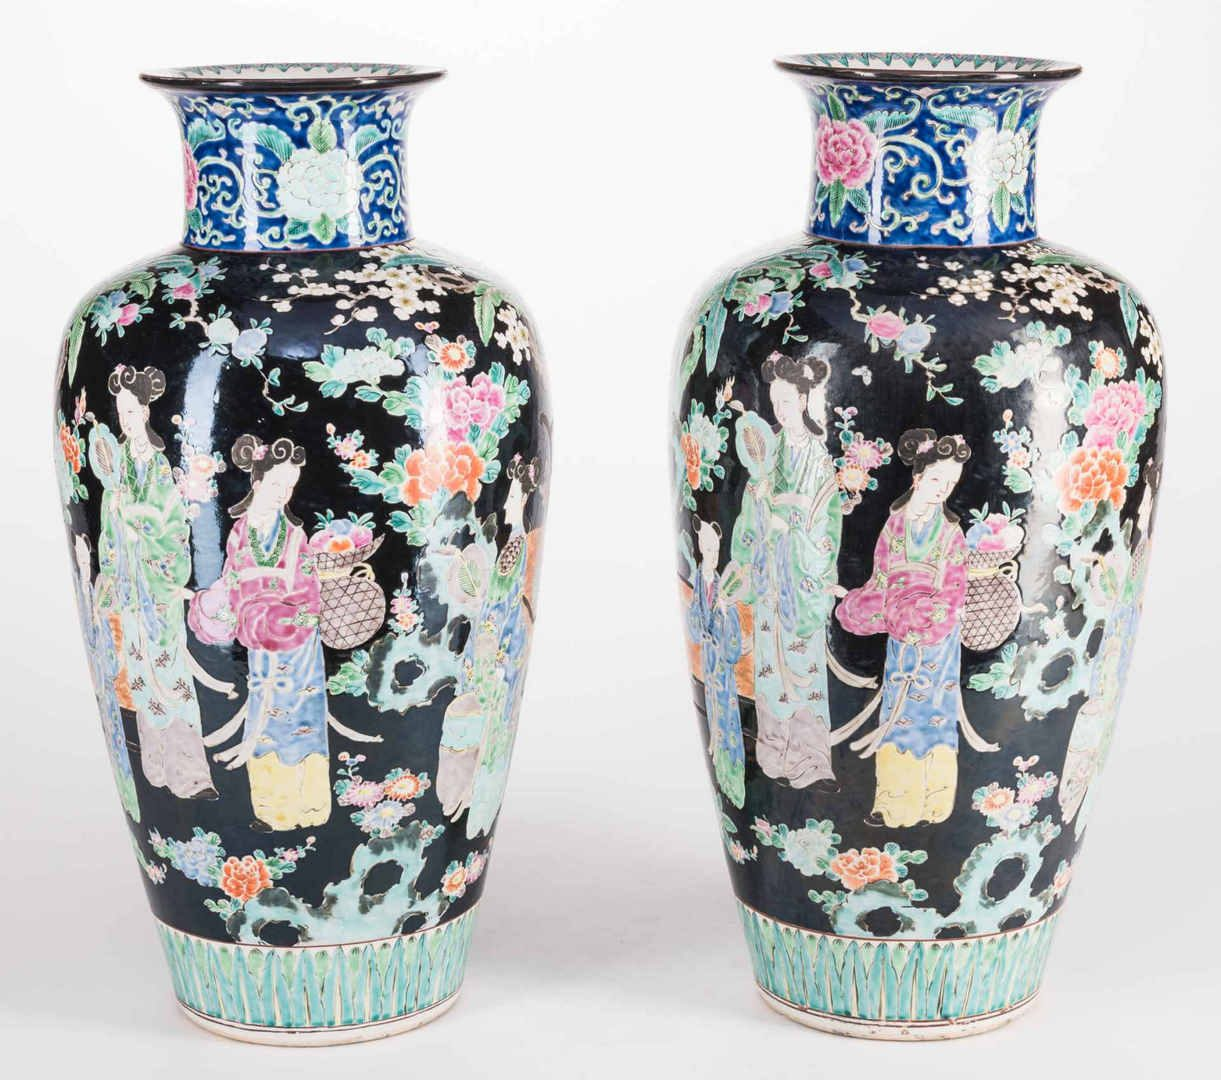 Lot 762: Pr. Chinese Famille Noire Floor Vases